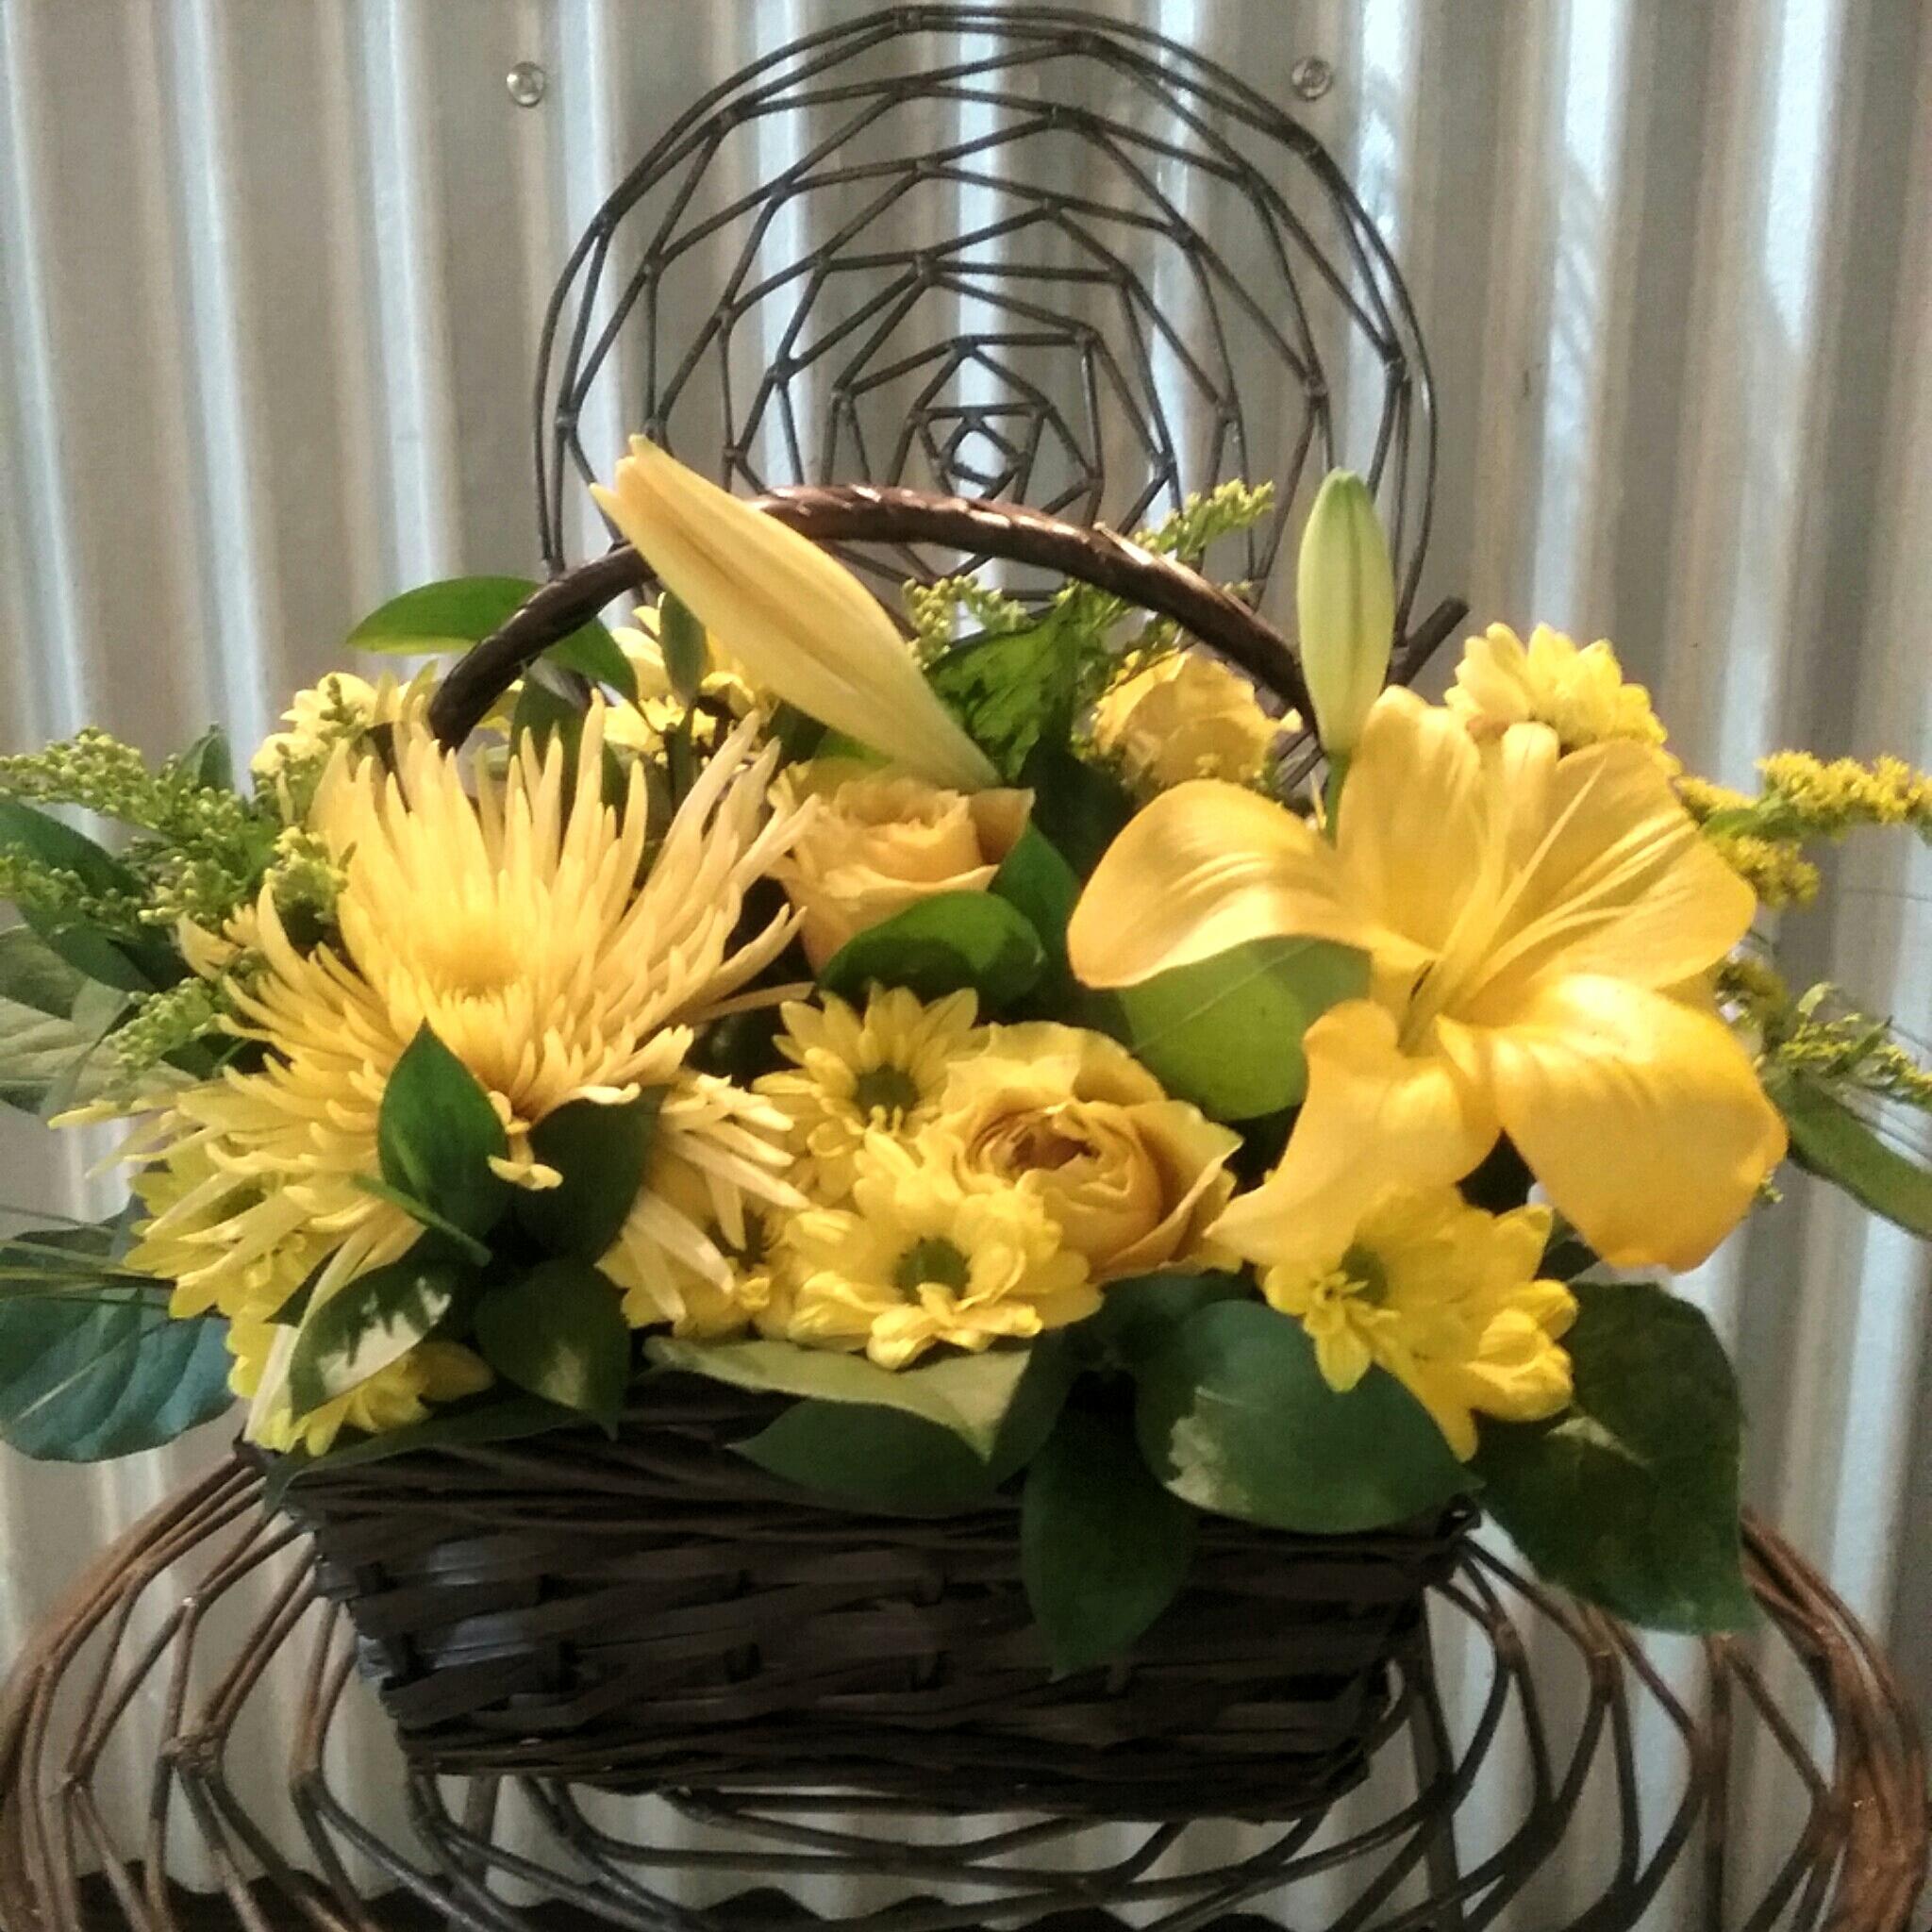 Yellow flowers in a wicker basket